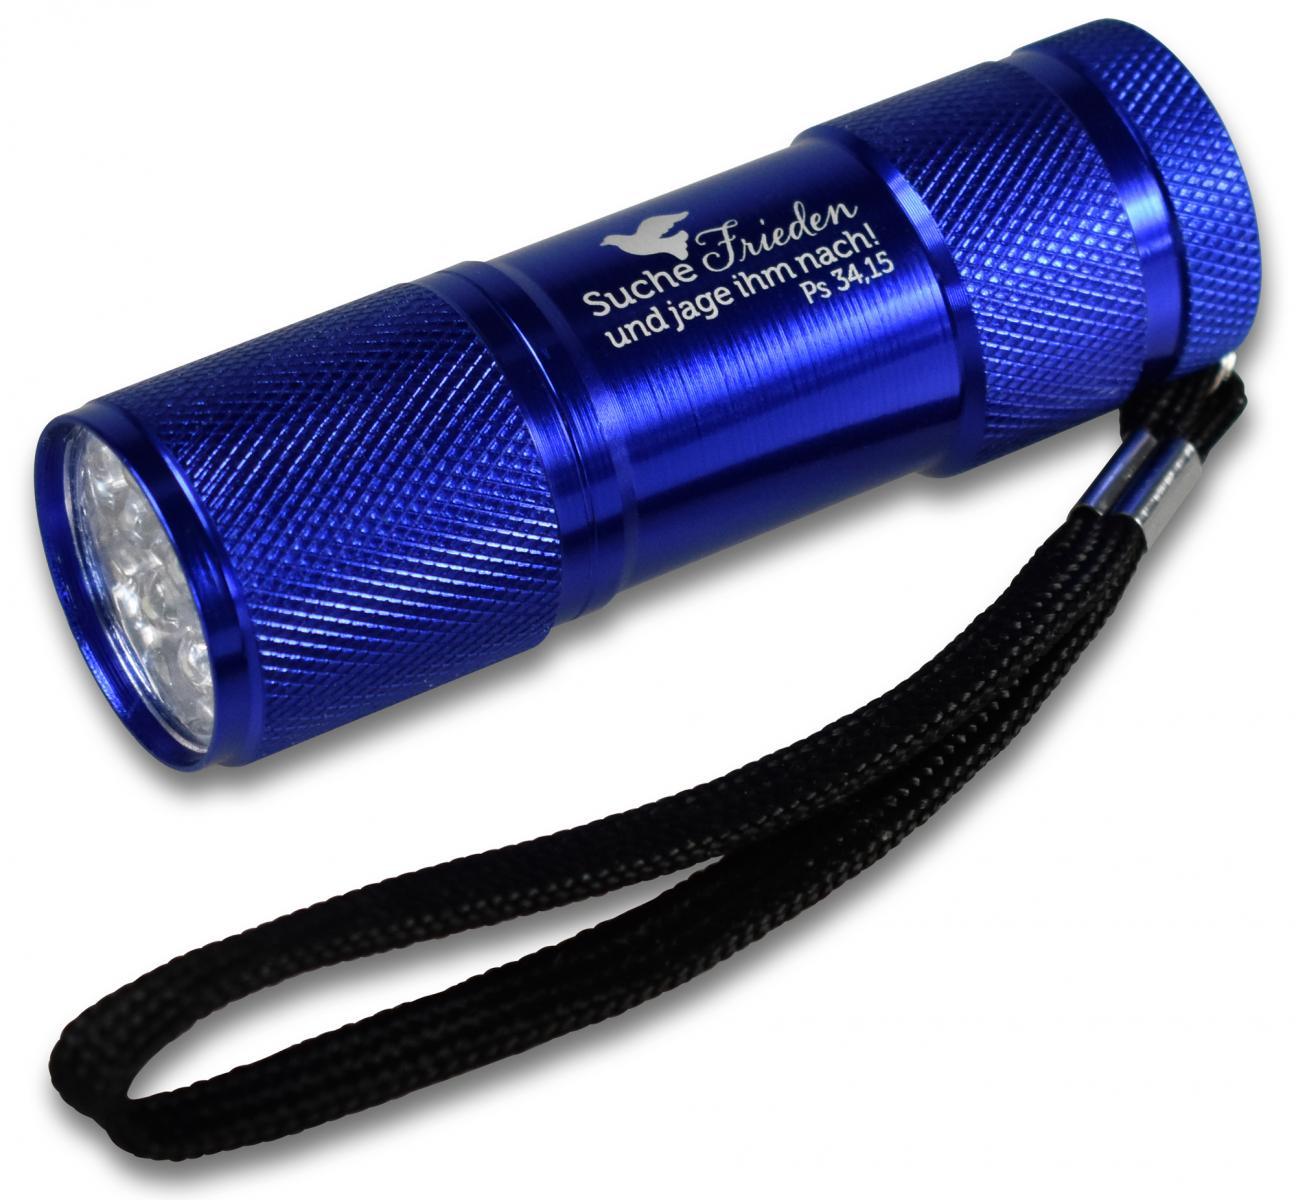 LED-Taschenlampe mit der Jahreslosung 2019